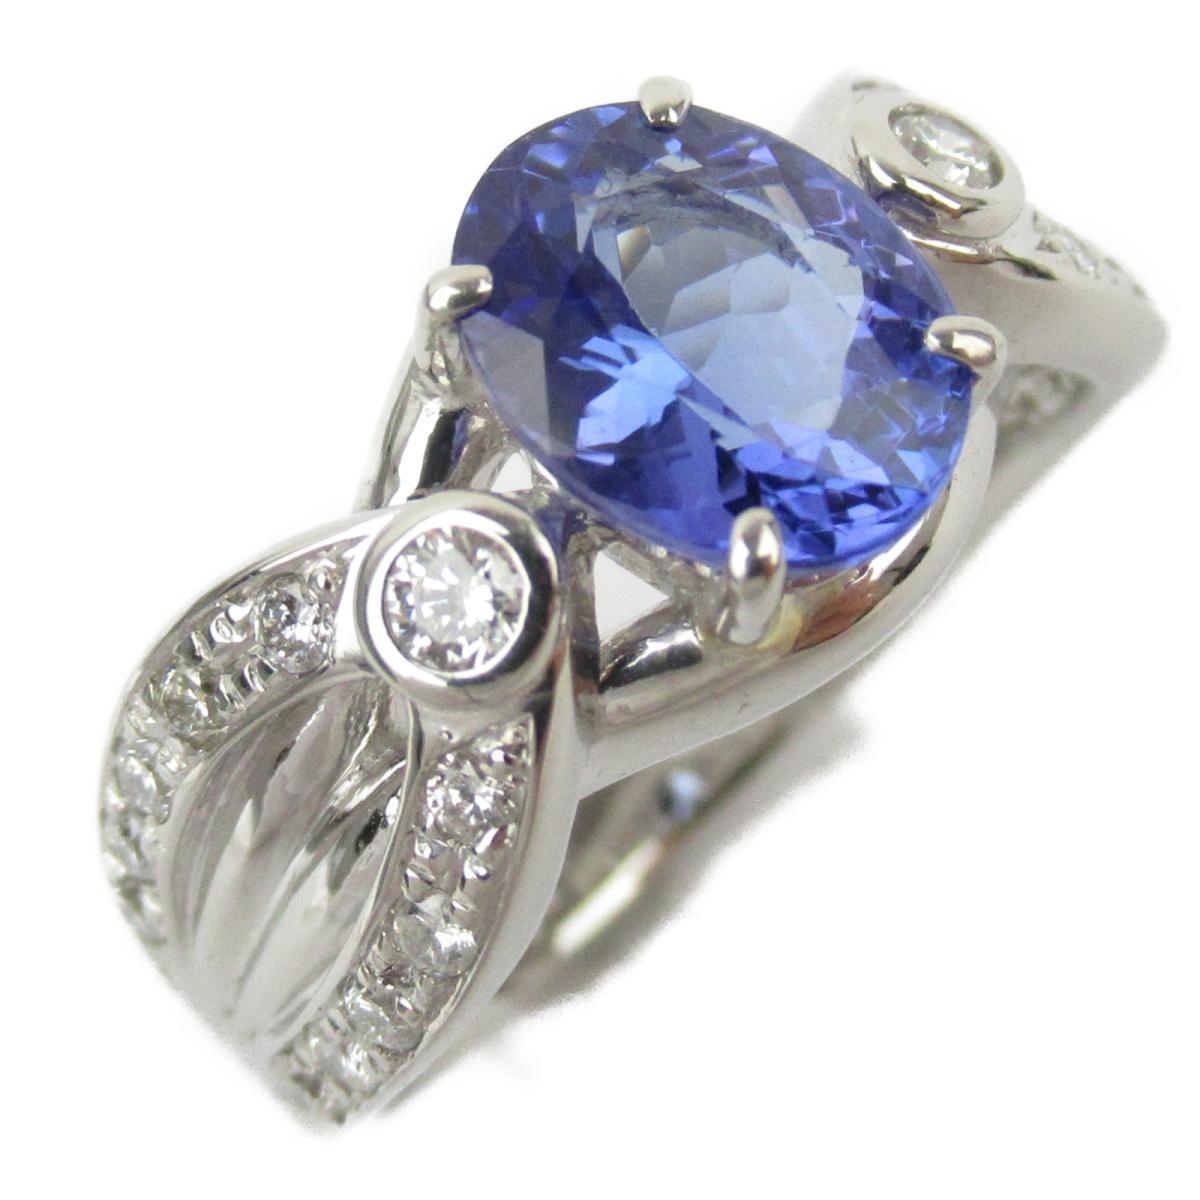 ジュエリー タンザナイト ダイヤモンド リング 指輪 ノーブランドジュエリー レディース PT900 プラチナ x タンザナイト1.91/ダイヤモンド0.36ct 【中古】 | JEWELRY BRANDOFF ブランドオフ アクセサリー